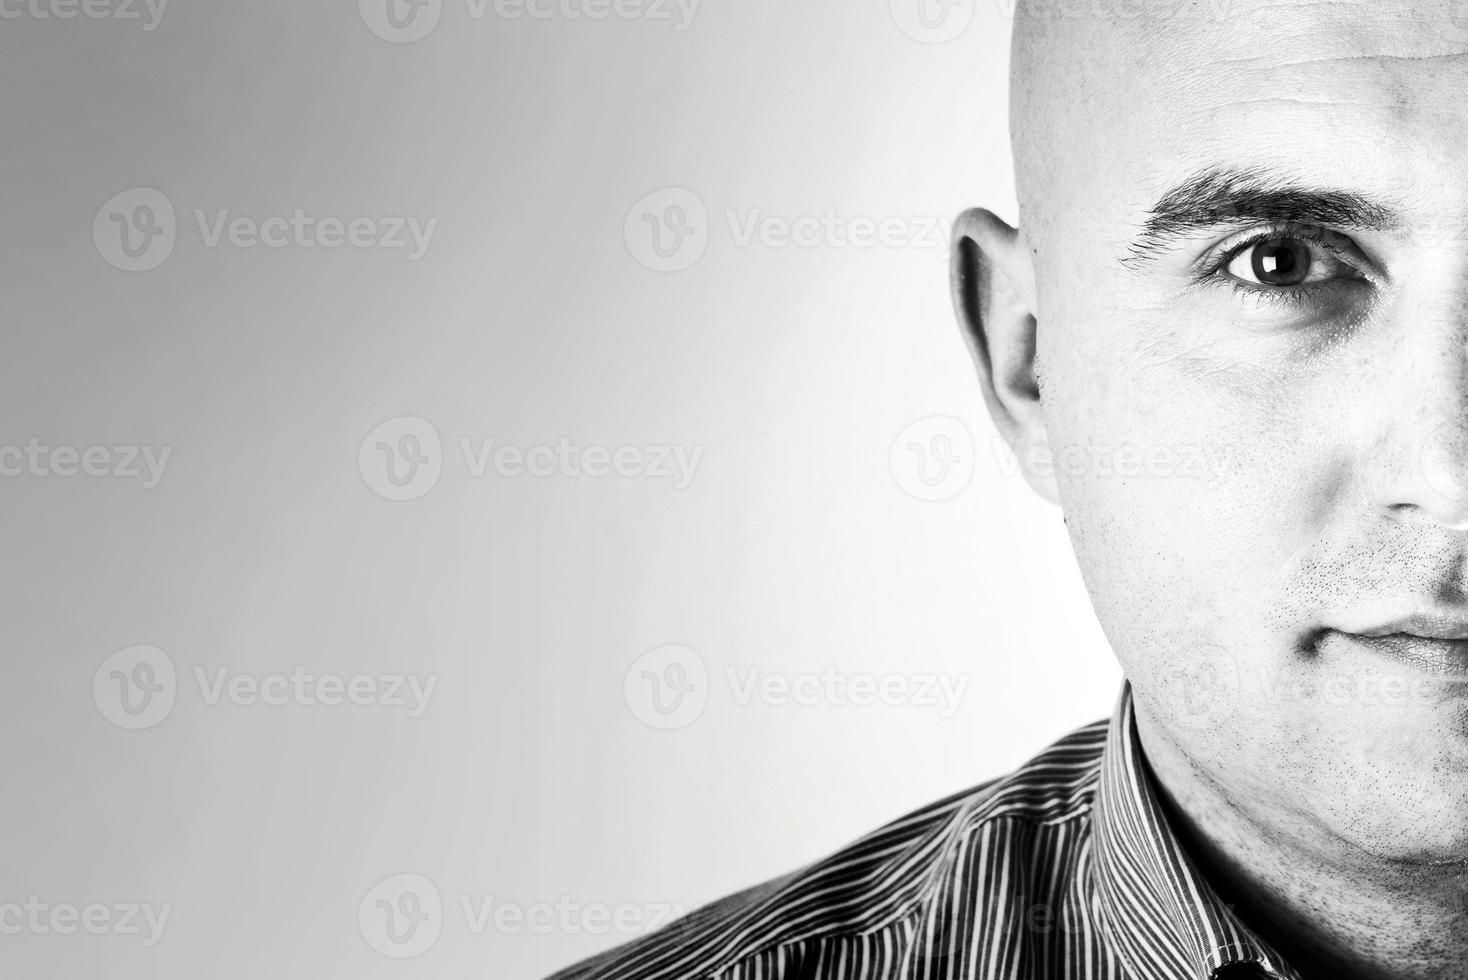 männliches High Key Porträt foto